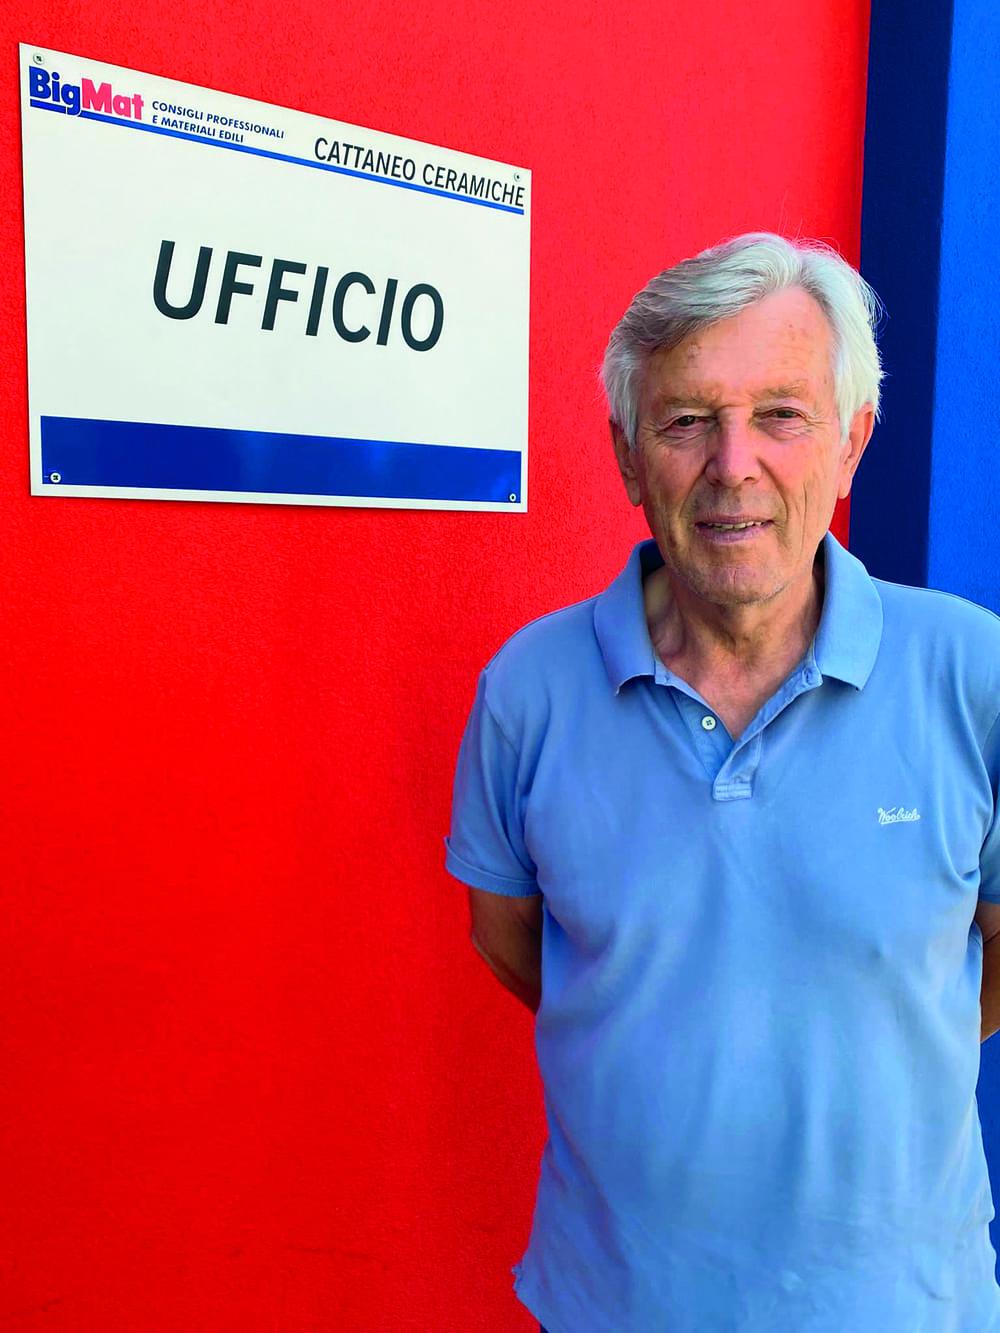 Antonio-Cattaneo-bigmat